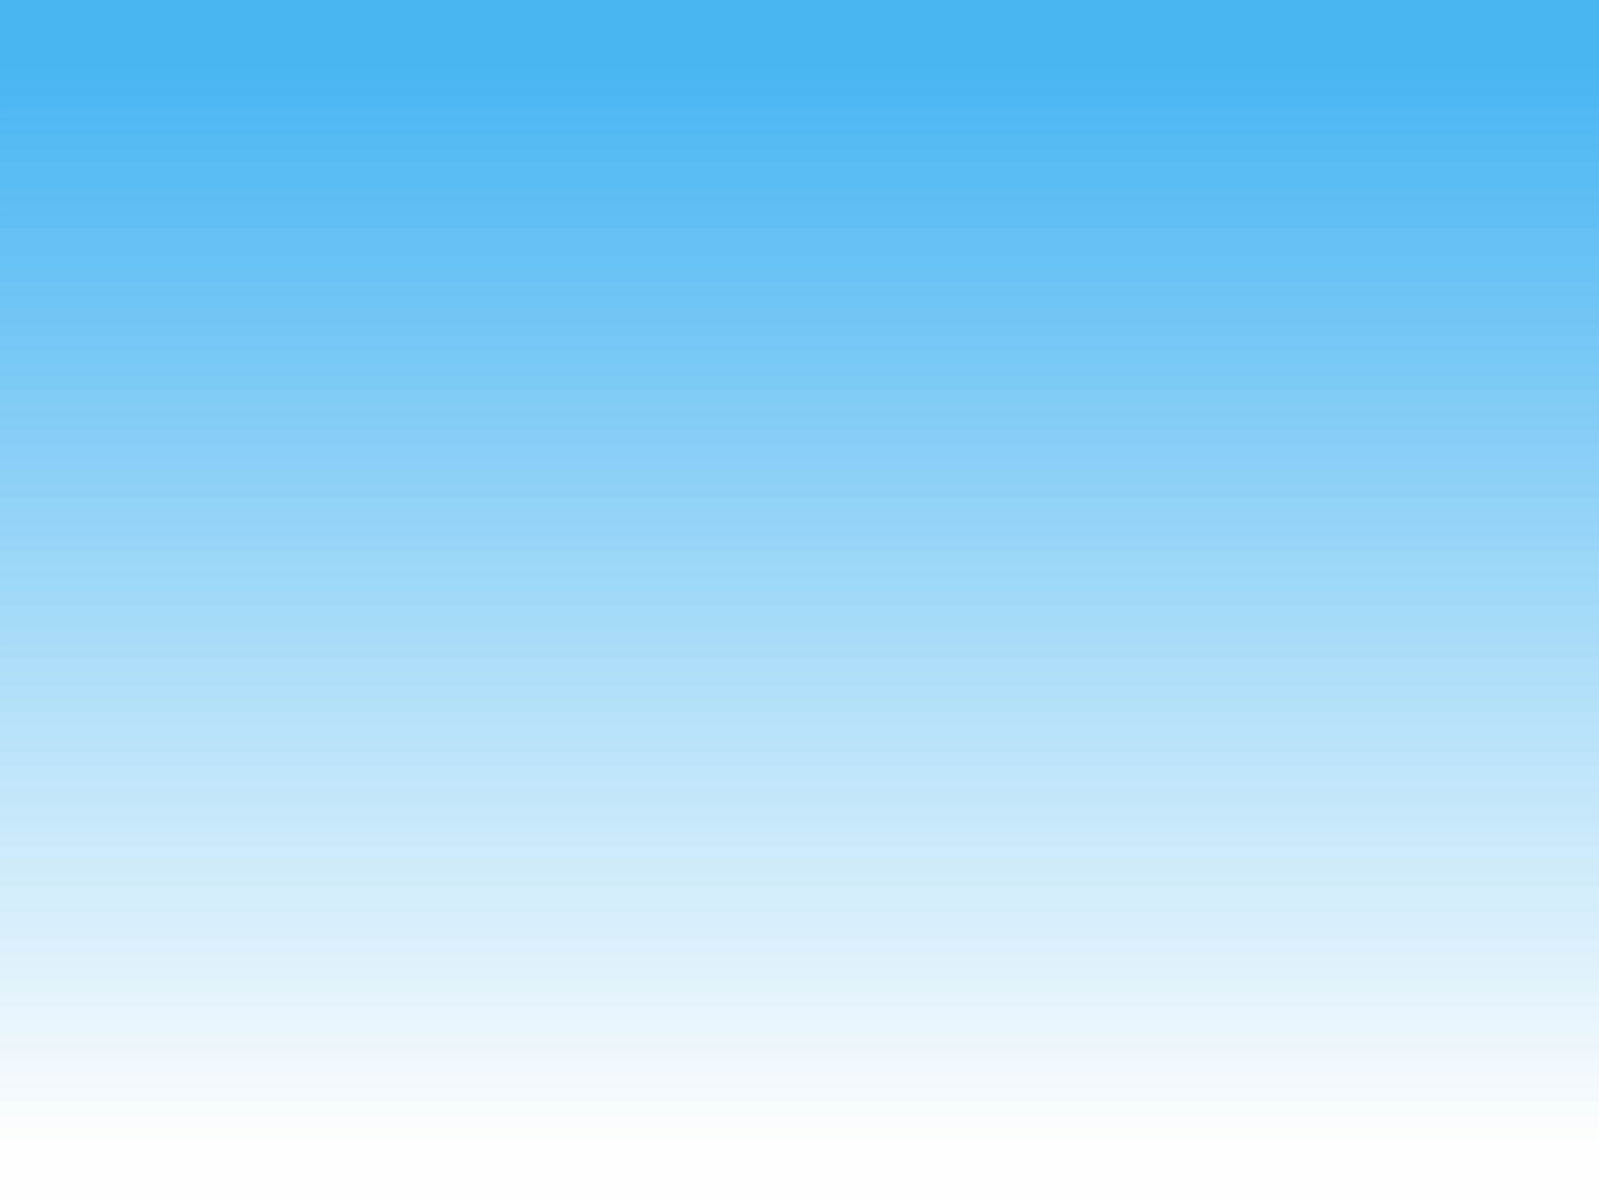 50 Hình Nền Powerpoint Màu Xanh Dương Cực đẹp Vnreview